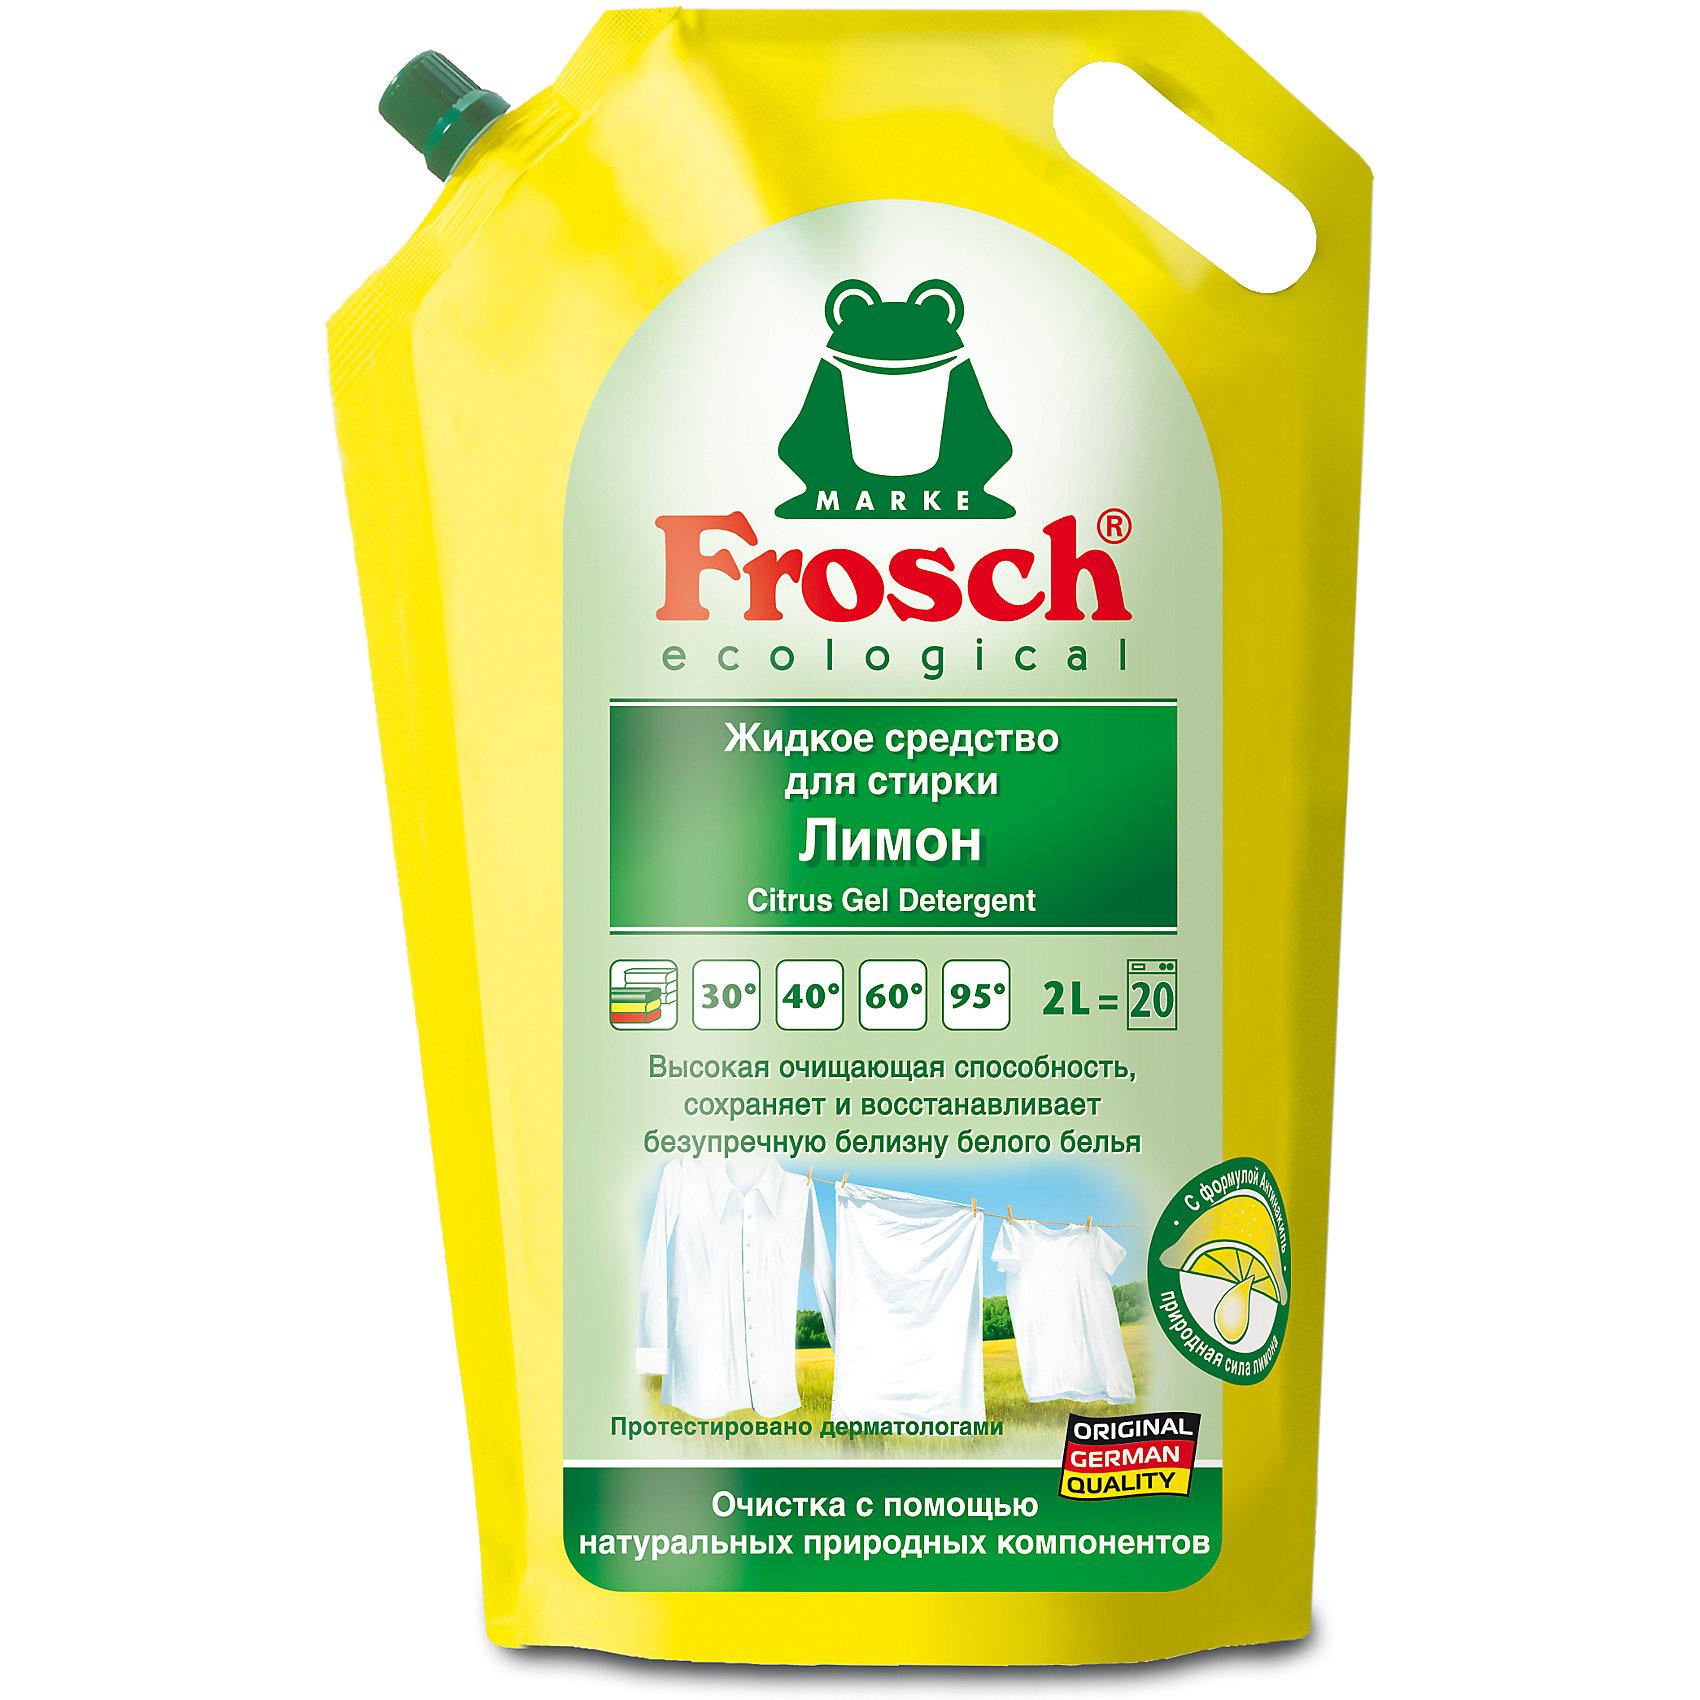 Жидкое средство для стирки Лимон, 2л, FroschХарактеристики товара:<br><br>• цвет: разноцветный<br>• объем: 2 л<br>• упаковка: пластик<br>• страна бренда: Германия<br>• страна изготовитель: Германия<br><br>Средства для стирки – незаменимый помощник в борьбе за чистоту вещей. Отличие жидкого средства от порошка заключается в том, что жидкость более бережно относится к тканям, не повреждая их и при этом безупречно справляясь с пятнами, кроме того придает приятный цитрусовый аромат. Экономичная упаковка 2л позволяет долго использовать средство. Материалы, использованные при изготовлении товара, сертифицированы и отвечают всем международным требованиям по качеству. <br><br>Жидкое средство для стирки Лимон, 2 л, от производителя Frosch (Фрош) можно приобрести в нашем интернет-магазине.<br><br>Ширина мм: 160<br>Глубина мм: 90<br>Высота мм: 270<br>Вес г: 2163<br>Возраст от месяцев: 216<br>Возраст до месяцев: 1188<br>Пол: Унисекс<br>Возраст: Детский<br>SKU: 5185742